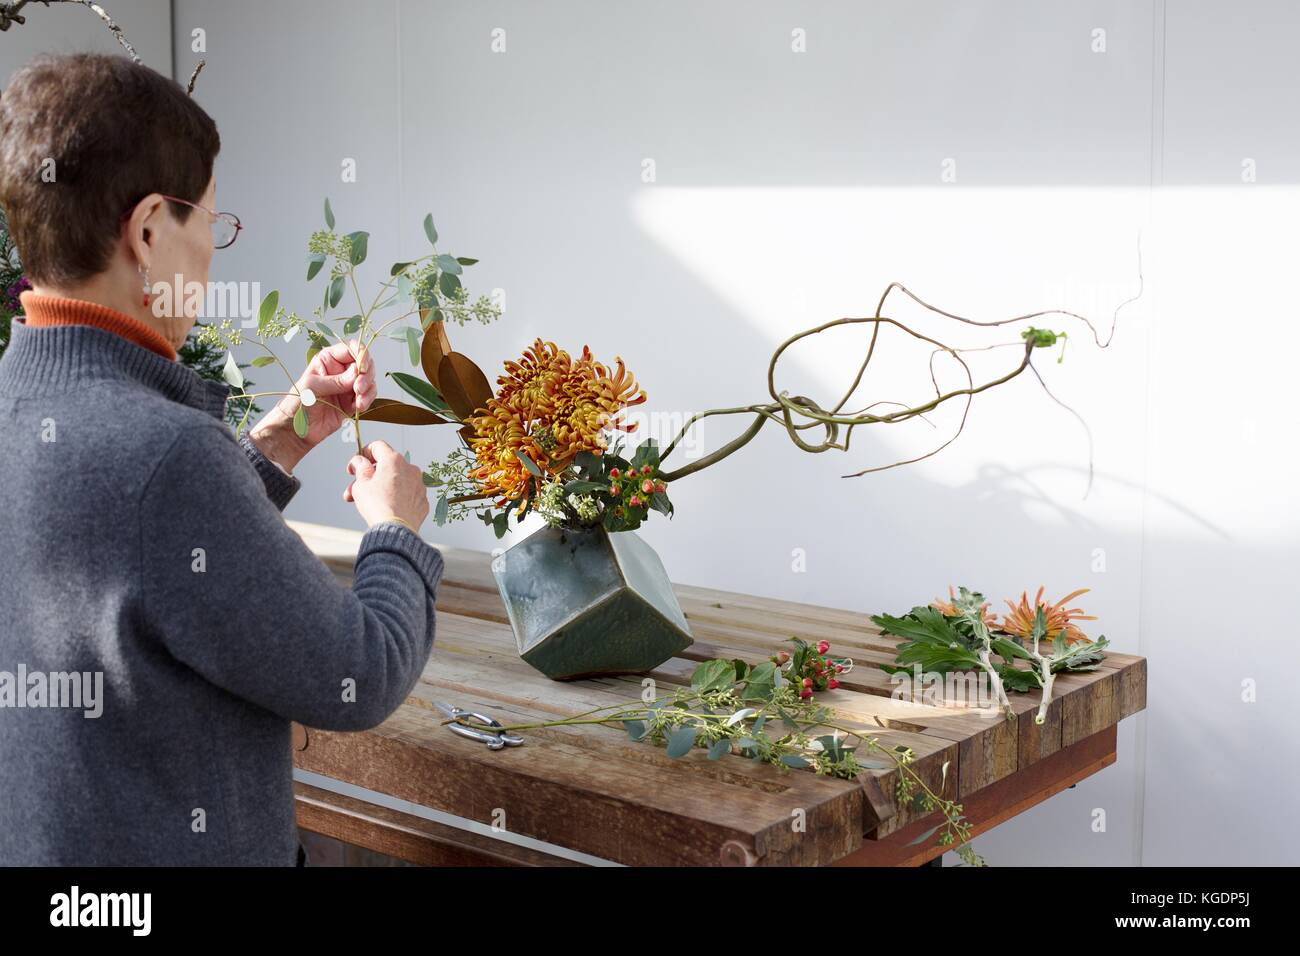 Une femme de la création d'un arrangement floral ikebana au Conservatoire de Côme à St Paul, Photo Stock